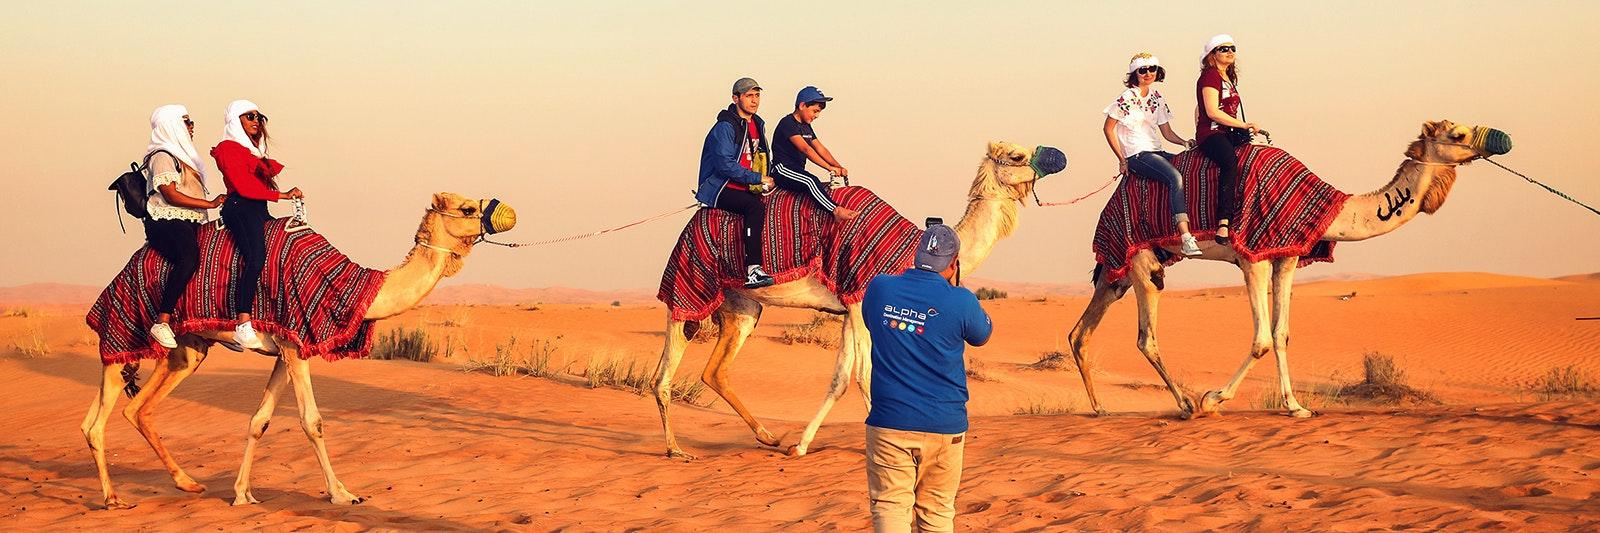 safari désert dubai soirée